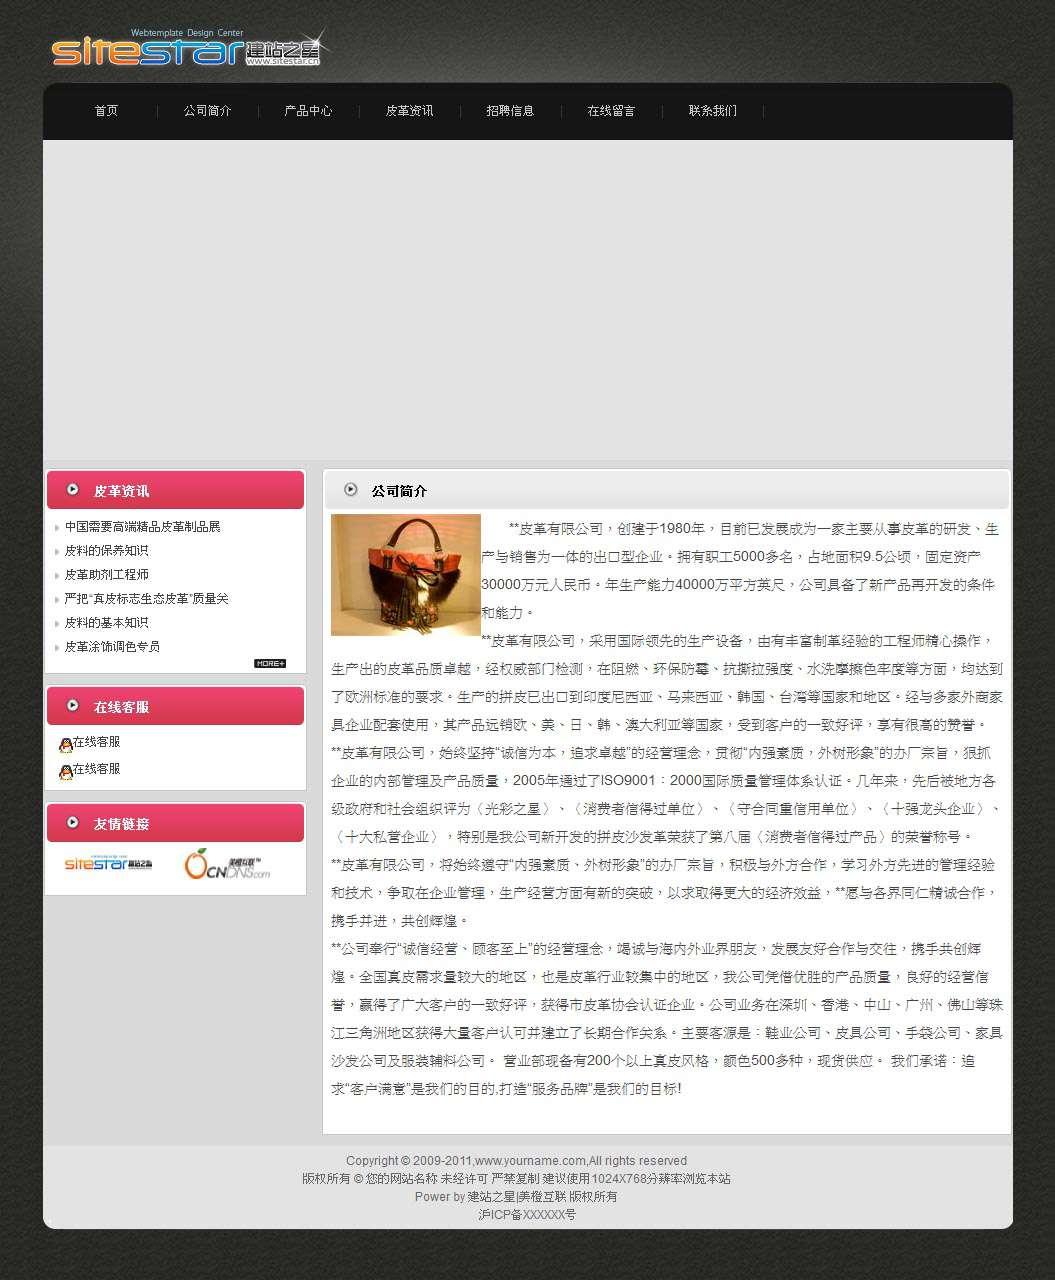 企业网站-皮革A2模板关于我们页面